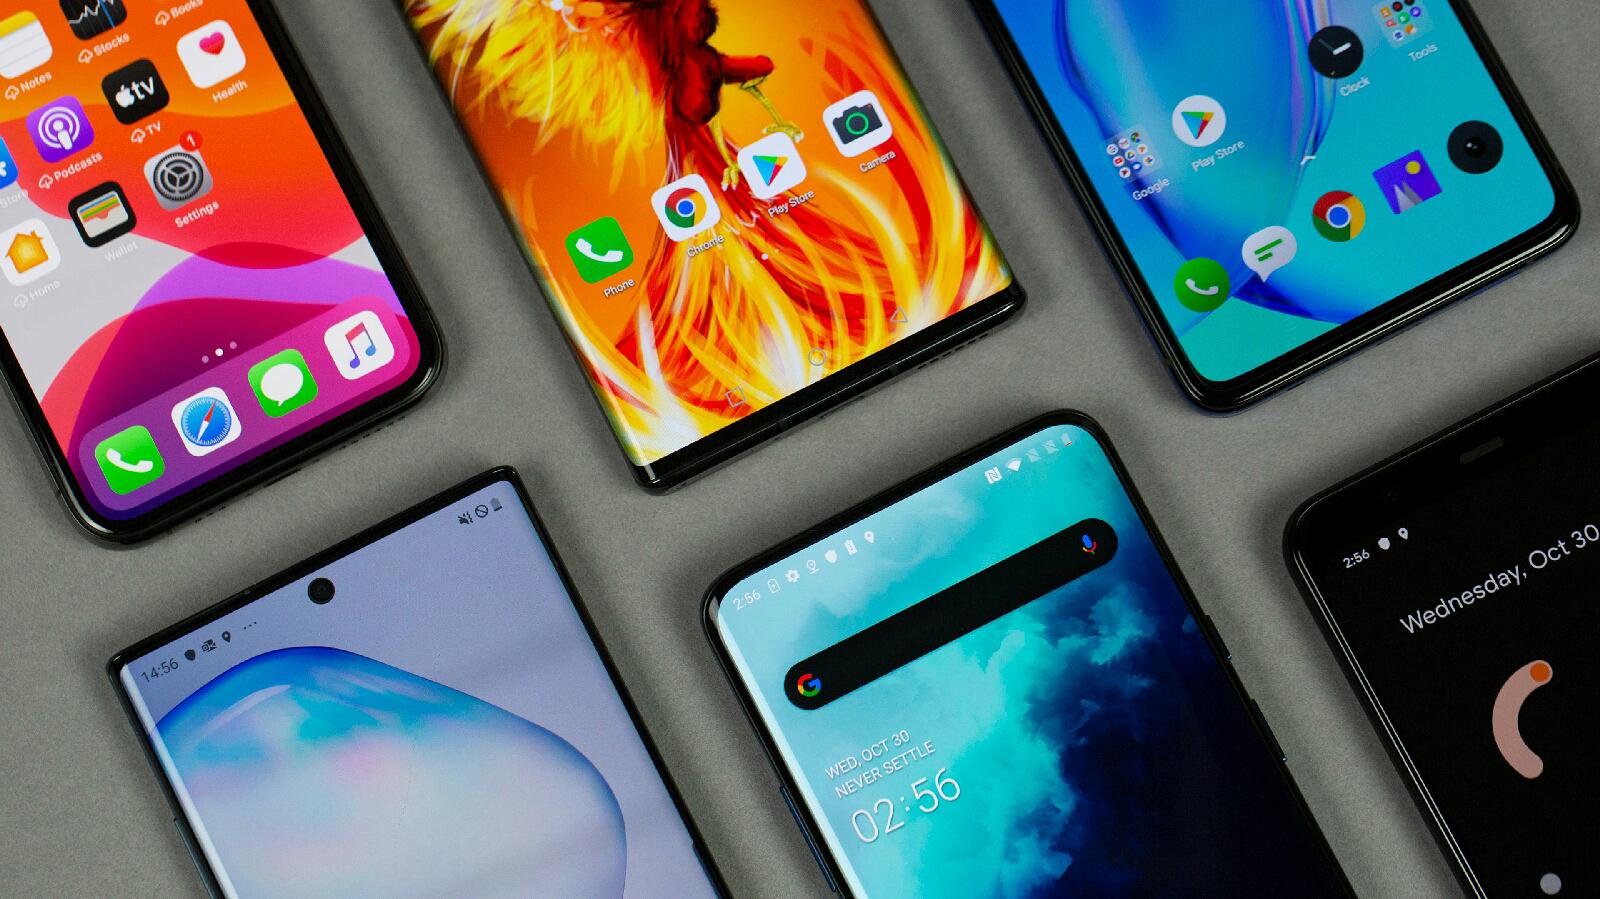 Best Upcoming Smartphones in 2020